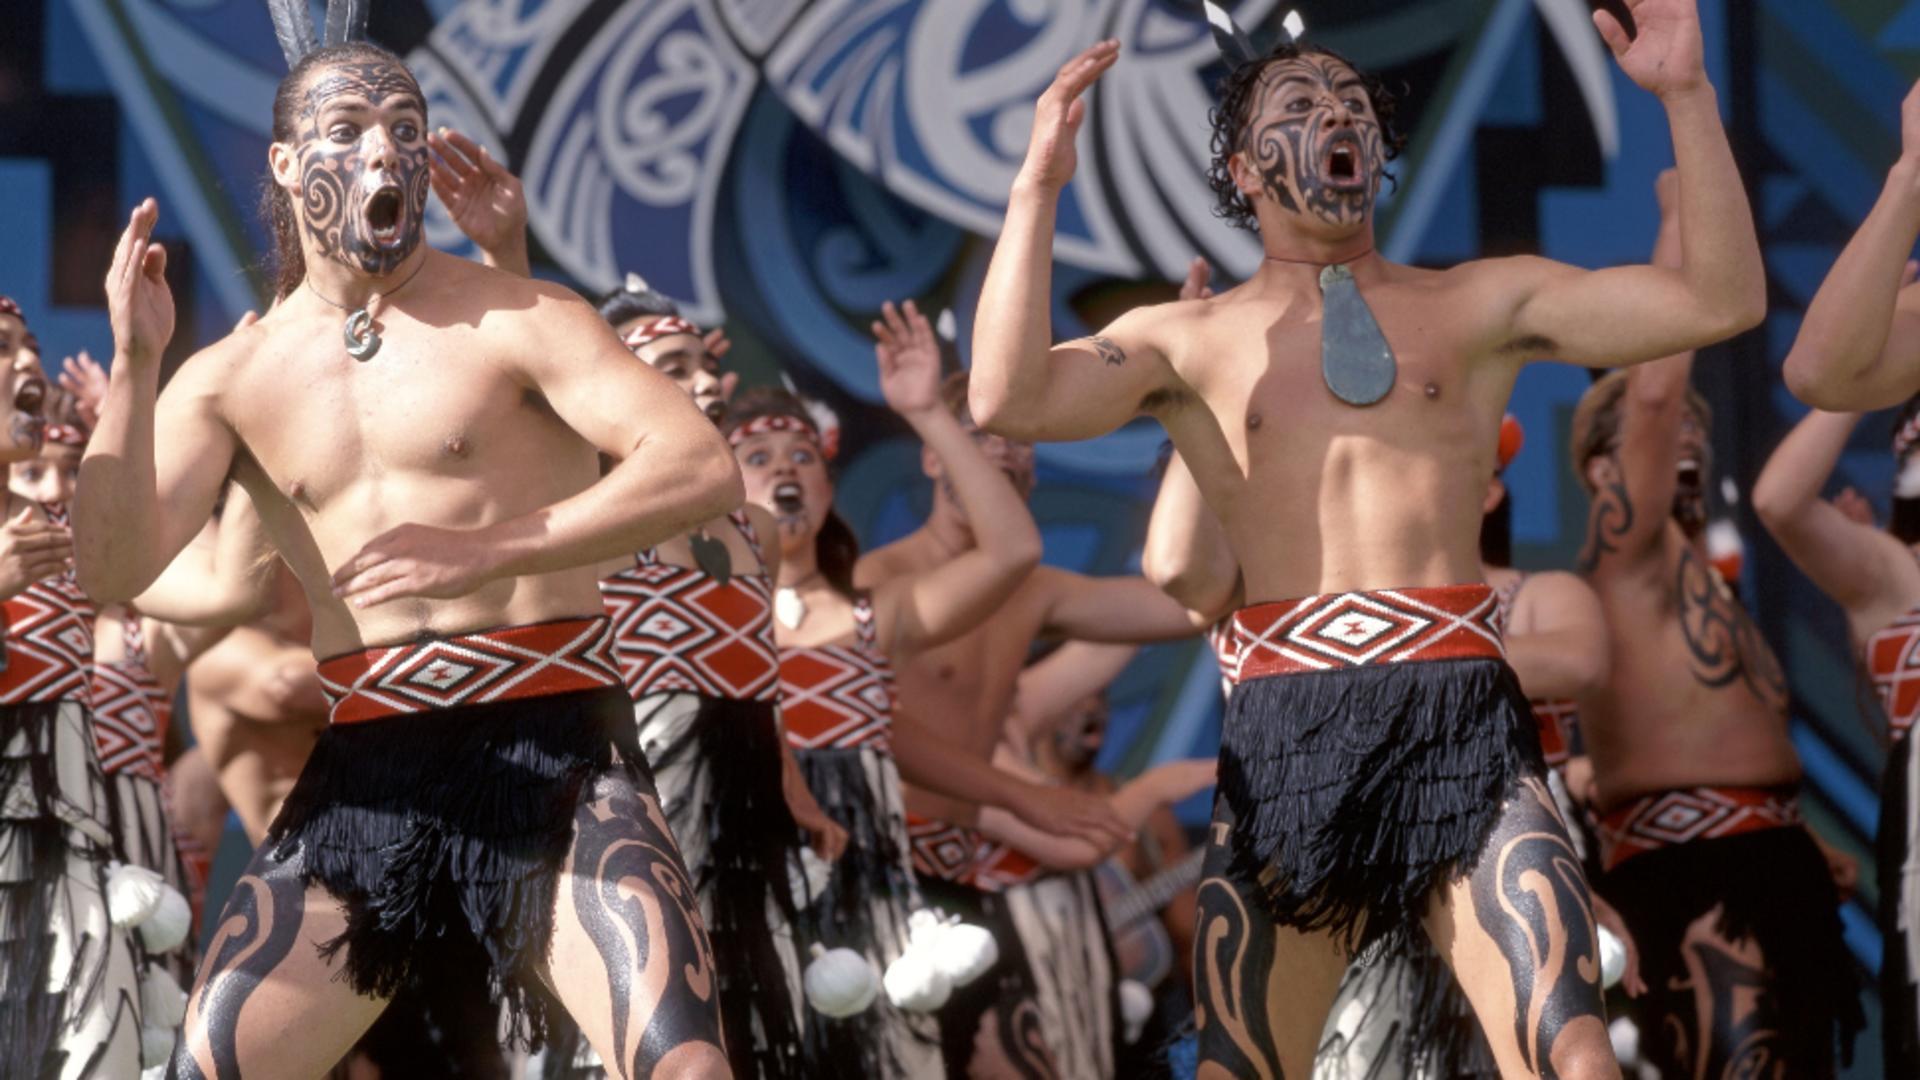 Aotearoa ar putea fi noua denumire a Noii Zeelande. Foto/Profimedia